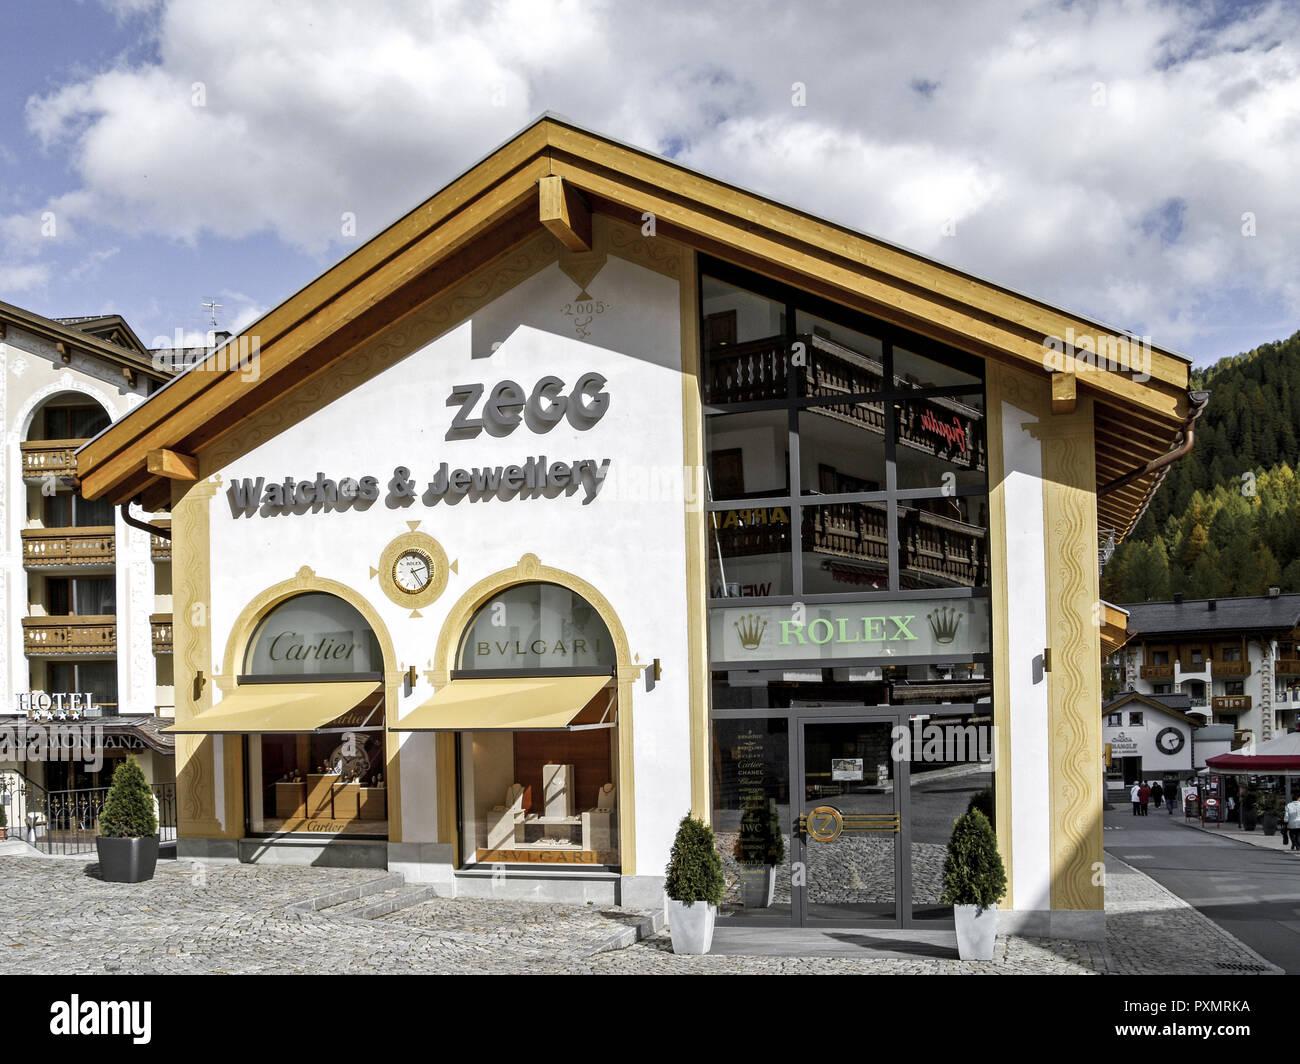 Schweiz, Graubuenden, Engadin, , Samnaun, Europa, Zollfreies, Gebiet, Zollfrei, Shopping, Einkaufen, Ausflugsziel, Sehenswuerdigkeit, Geschaeft, Juwel Stock Photo